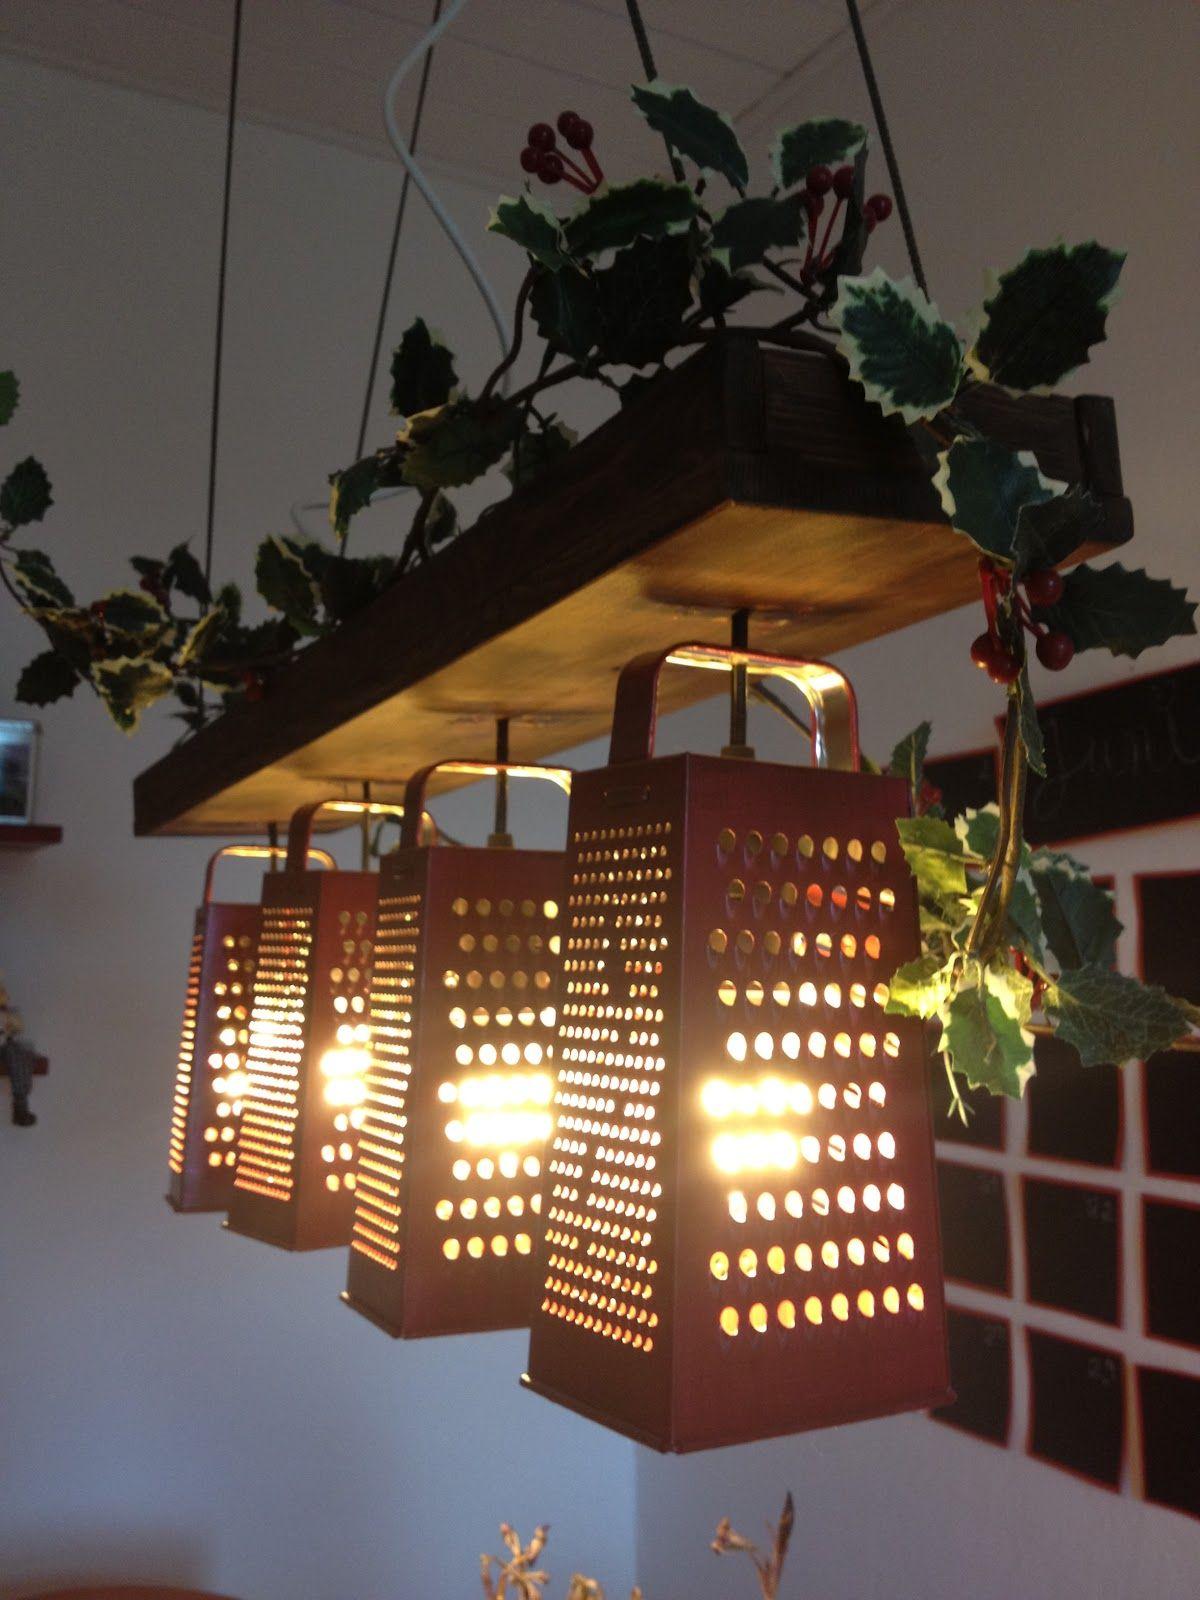 Top 10 Unusual Diy Upcycled Light Fixtures Selbstgemachte Lampenschirme Diy Wohnideen Und Kreative Lampen